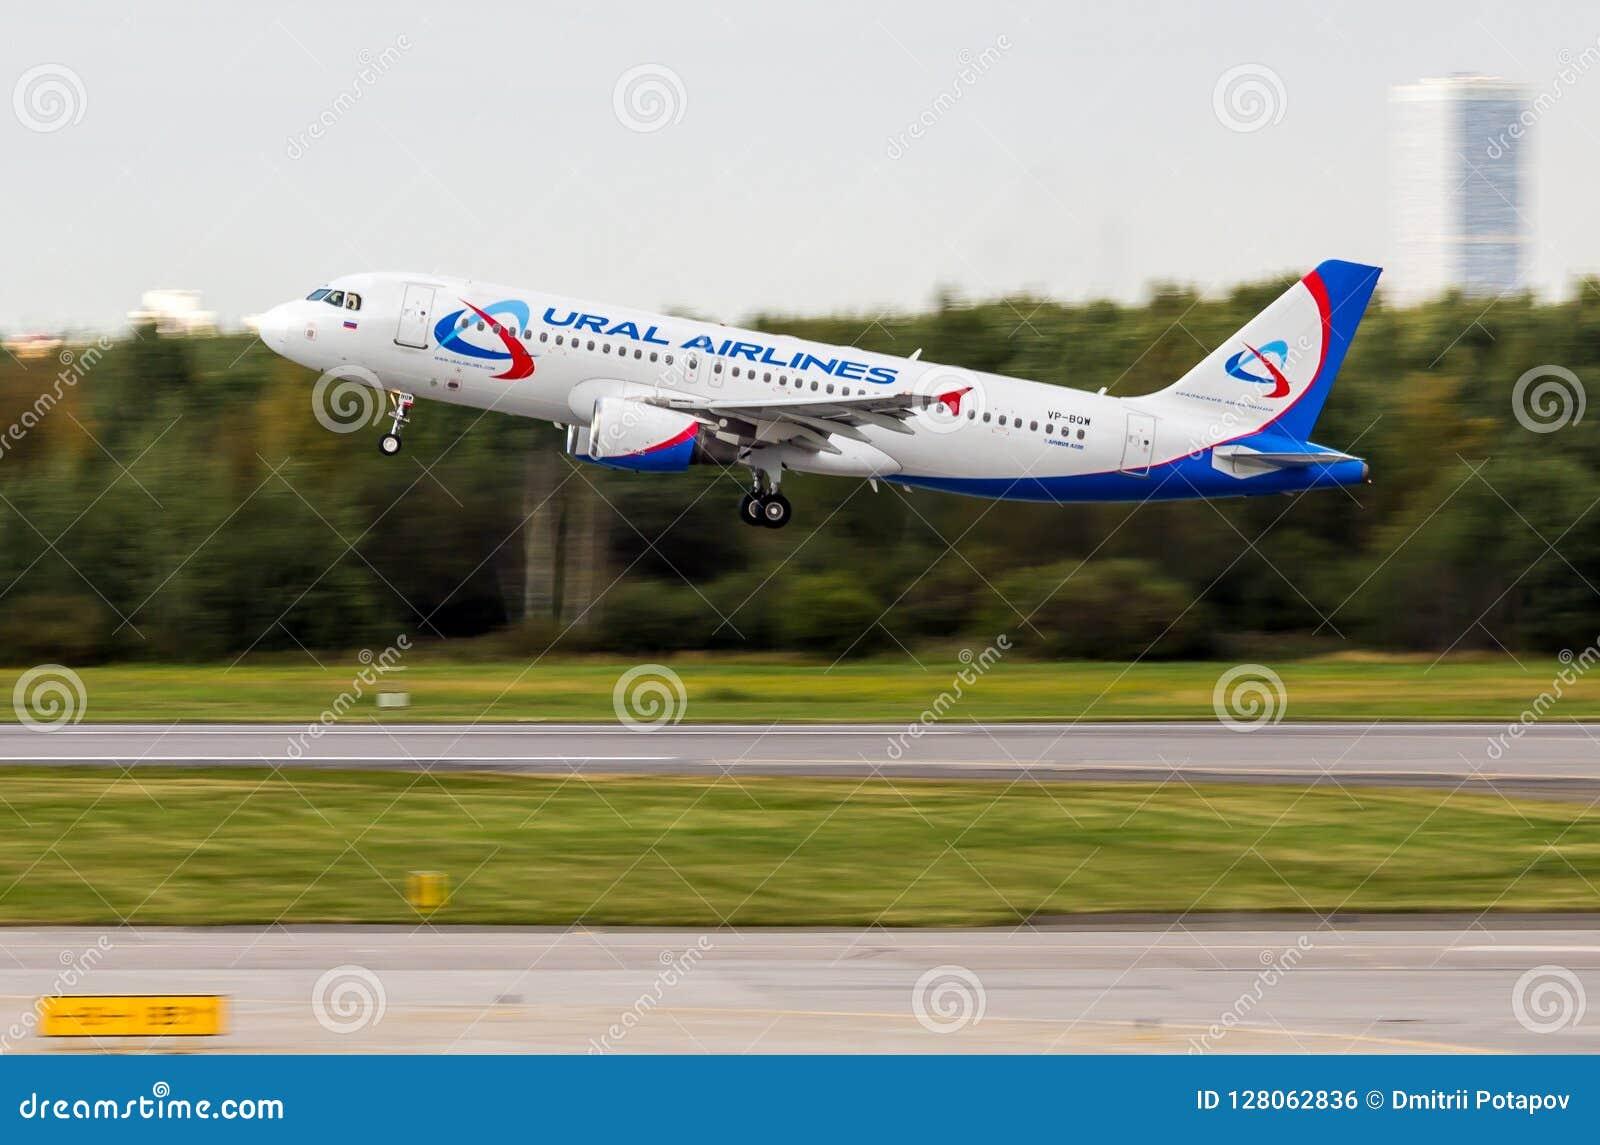 Αγία Πετρούπολη, Ρωσία - 08/16/2018: Αεριωθούμενες αερογραμμές ` vp-BQW airbus A320 ` Ural επιβατηγών αεροσκαφών στον αερολιμένα